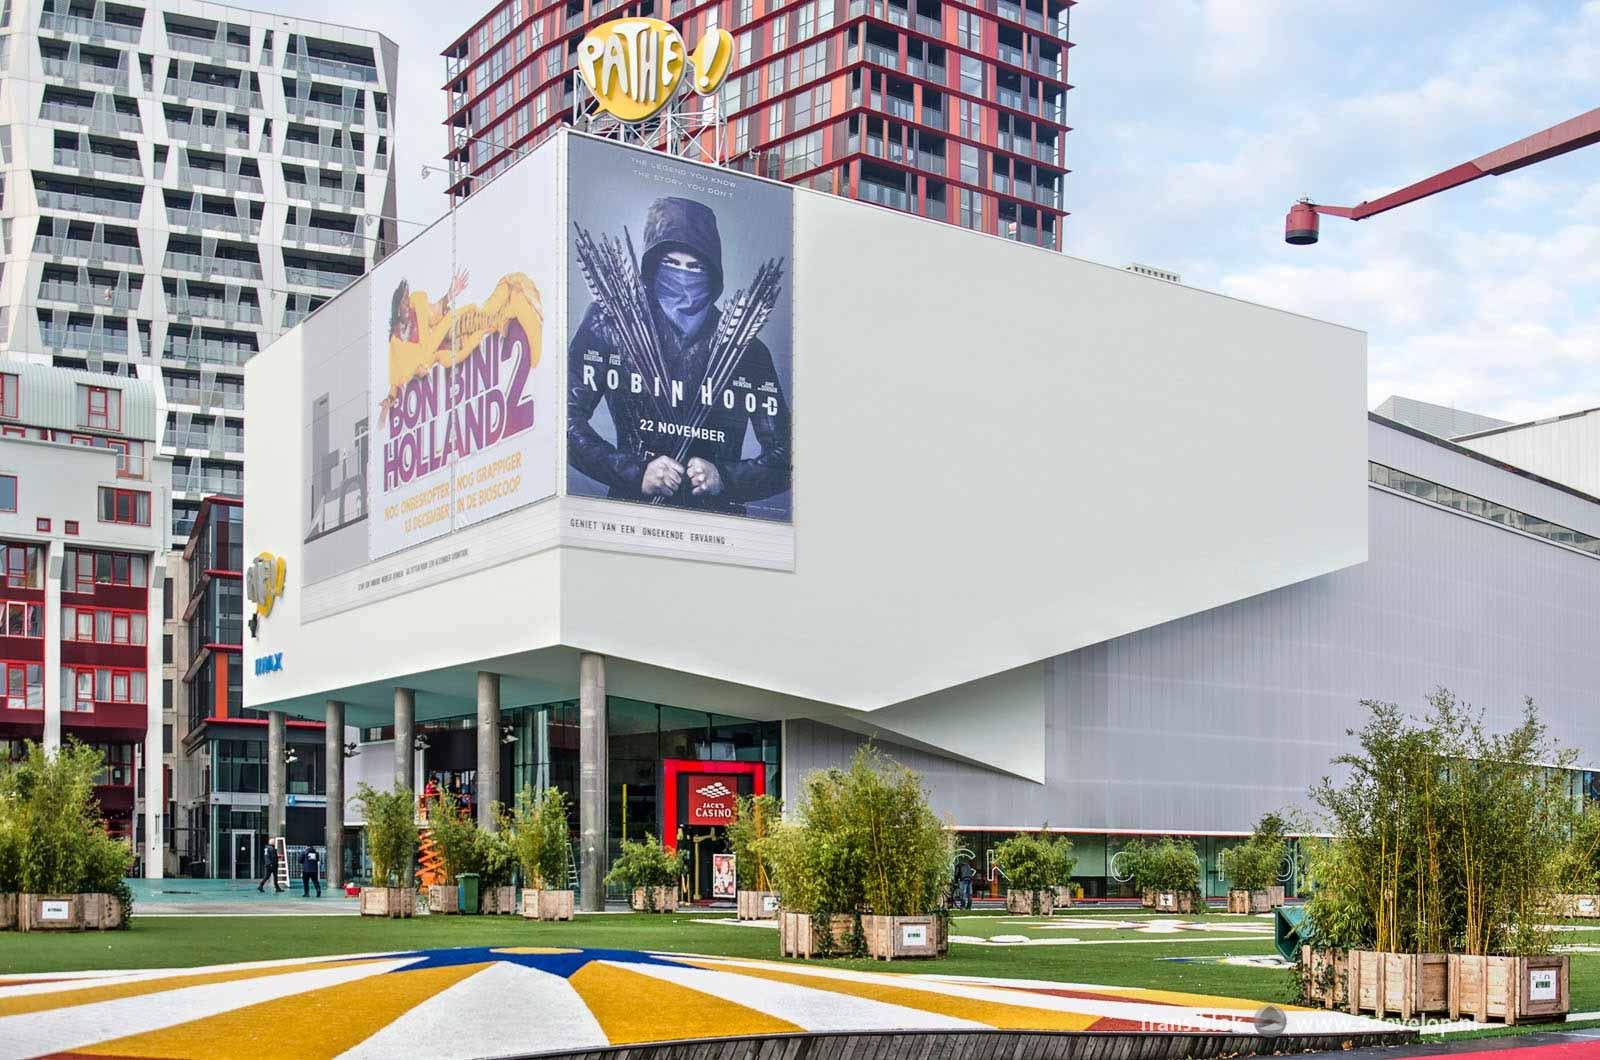 Foto van het Schouwburgplein in Rotterdam, kort na de voltooiing van de renovatie van de Pathé-bioscoop, met filmposters van Robin Hood en Bonbini Holland over het beeld van de skyline